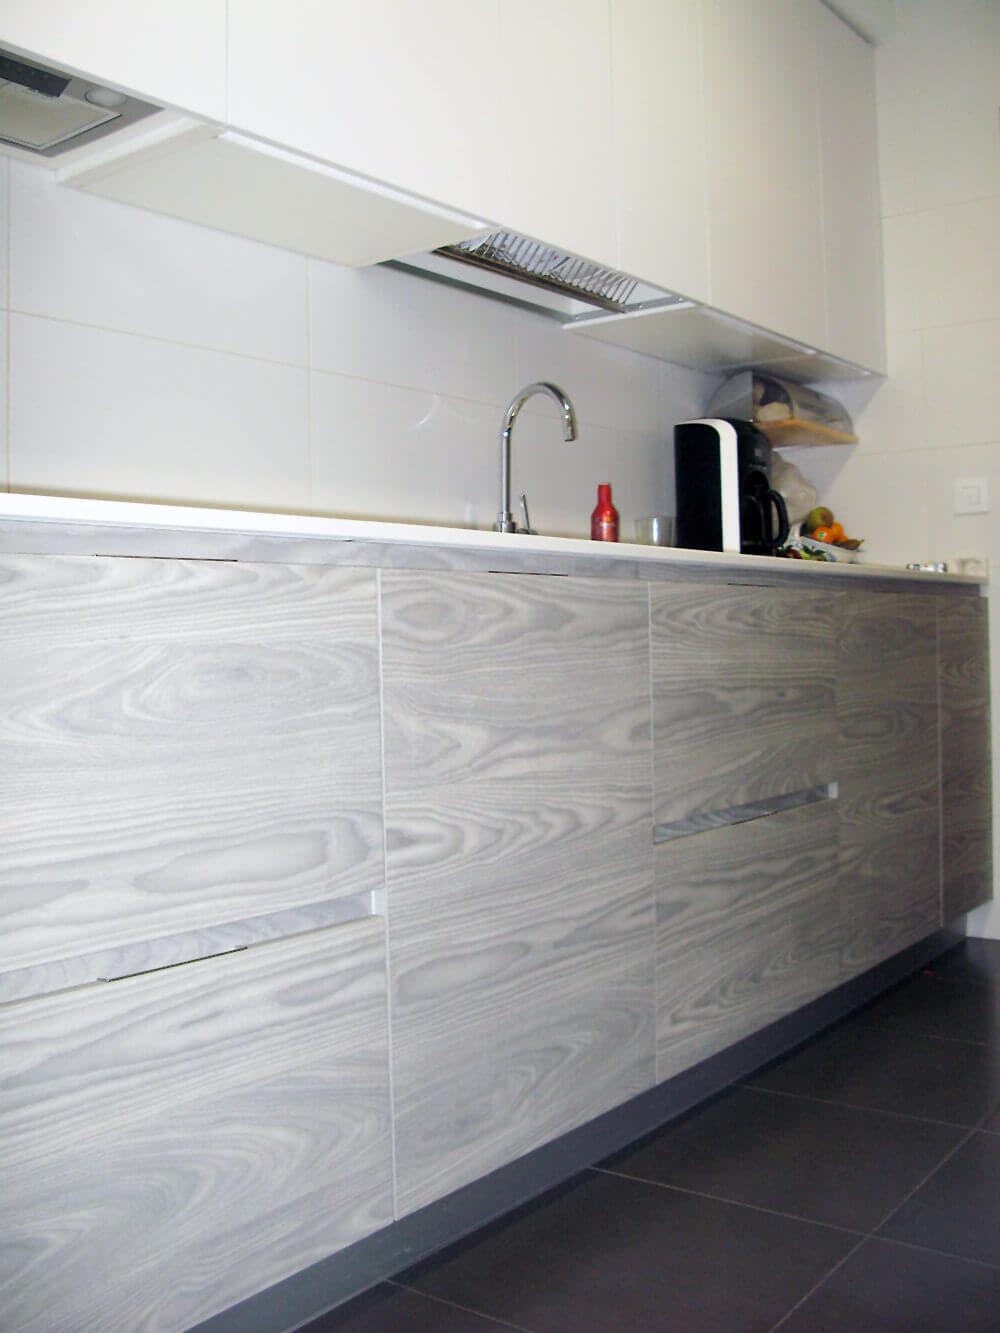 Cocina alargada 2 cocinas vitoria muebles de cocina vitoria gasteiz tierra home design - Muebles en vitoria gasteiz ...